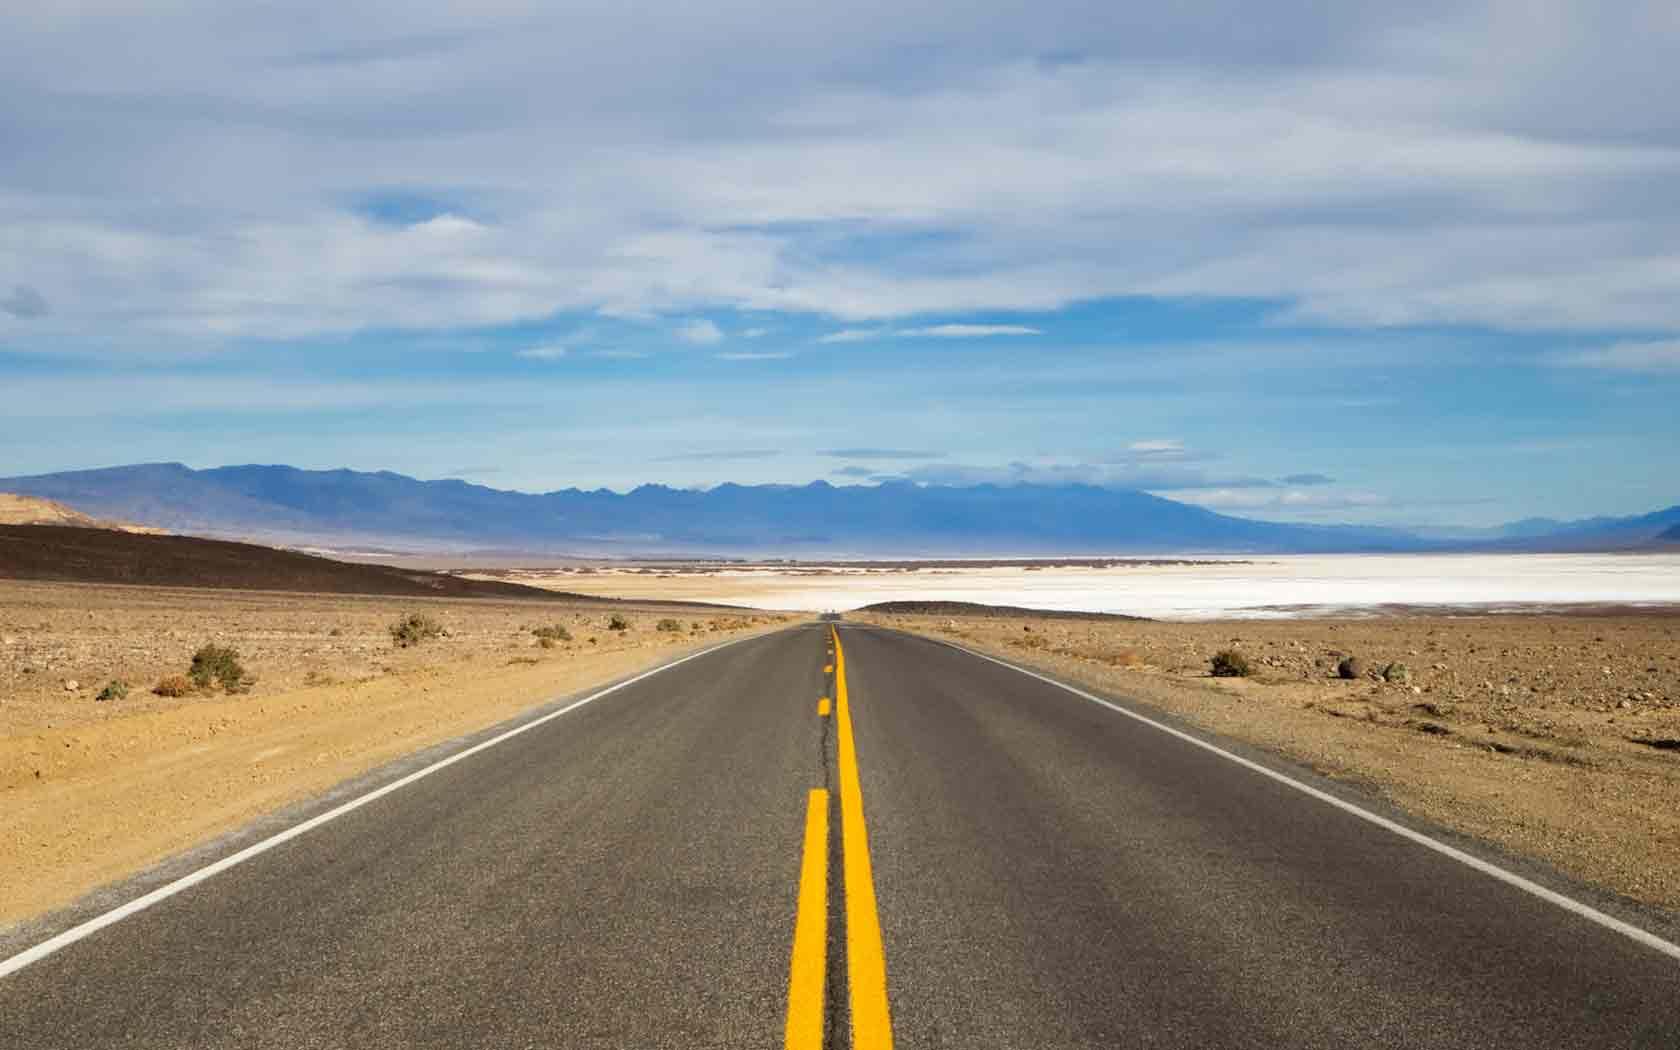 Обои Дорога в пустыне, картинки - Обои на рабочий стол ...